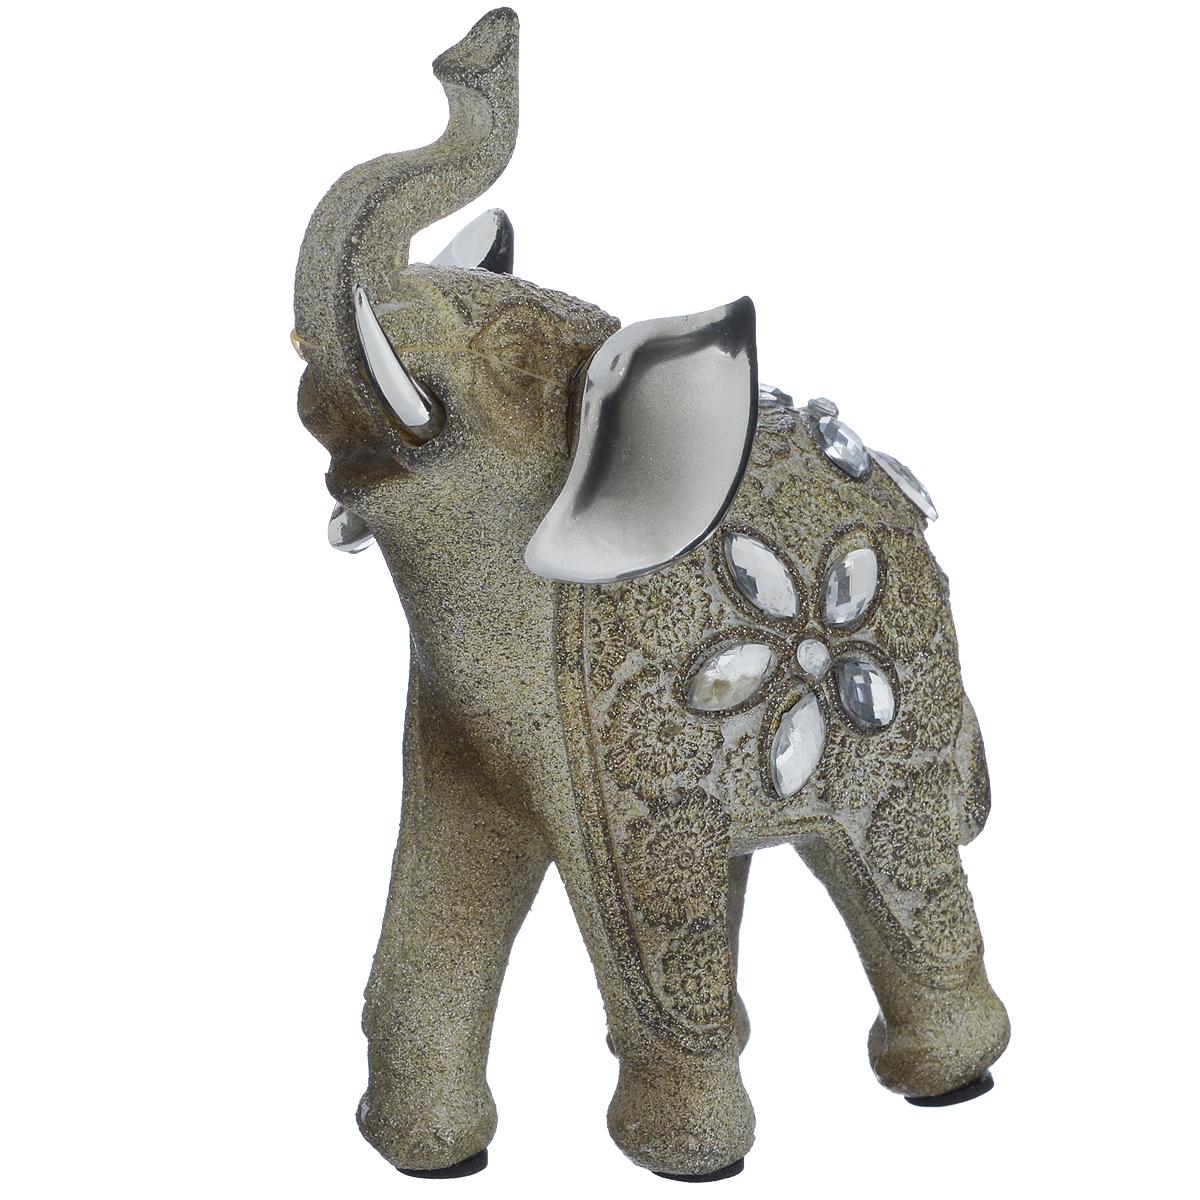 Фигурка декоративная Molento Блестящий слон, высота 13 см549-180Декоративная фигурка Molento Блестящий слон, изготовленная из полистоуна, позволит вам украсить интерьер дома, рабочего кабинета или любого другого помещения оригинальным образом. Изделие, выполненное в виде слона, украшено блестками и стразами.Вы можете поставить фигурку в любом месте, где она будет удачно смотреться, и радовать глаз. Кроме того, фигурка Блестящий слон станет чудесным сувениром для ваших друзей и близких. Размер фигурки: 9,5 см х 4,5 см х 13 см.